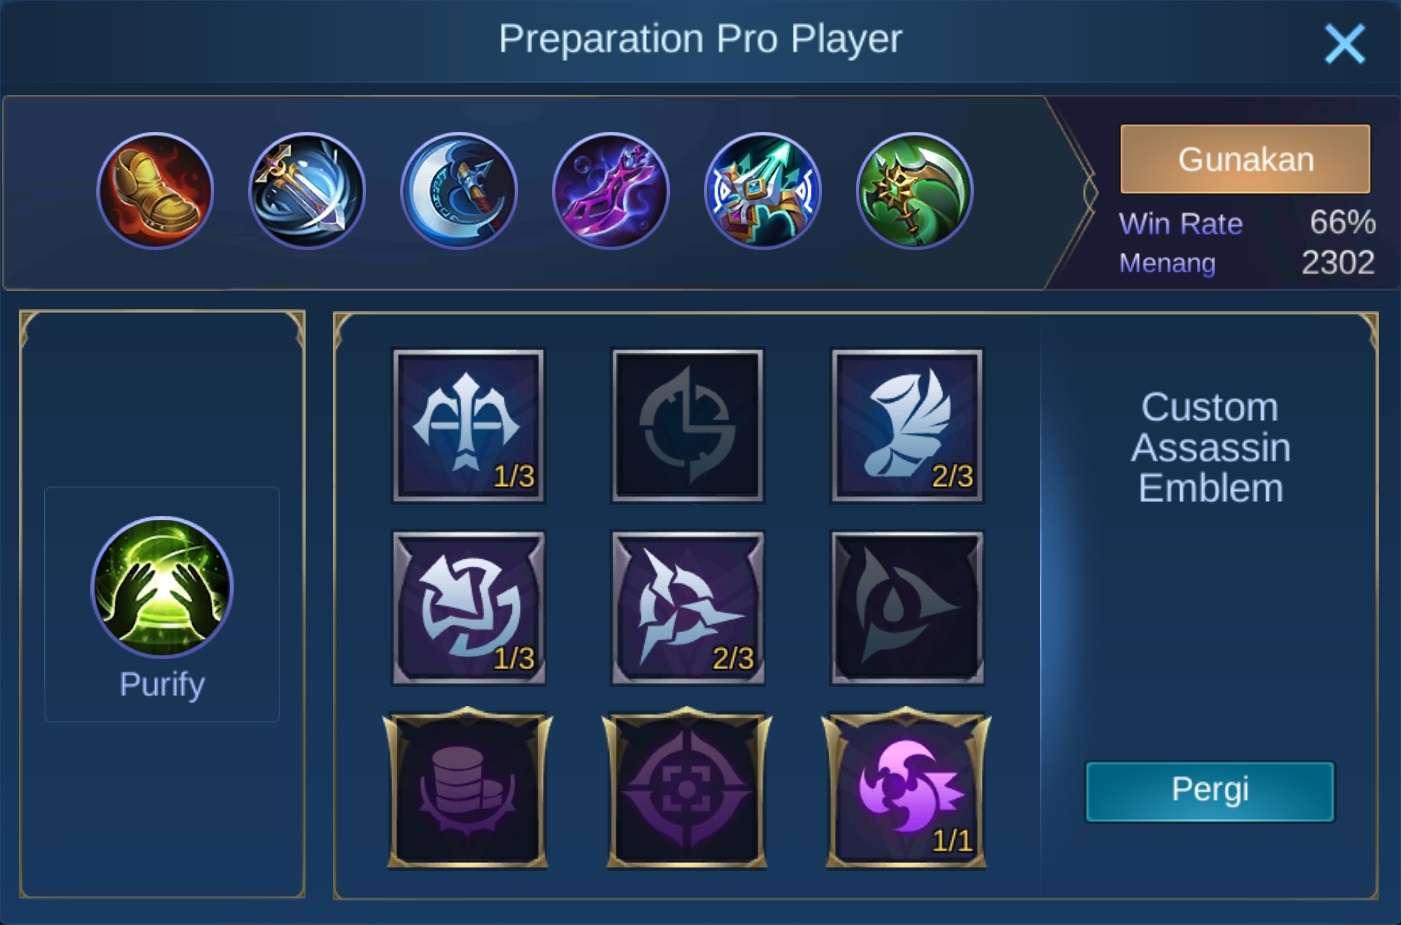 build item irithel mobile legends (ML)